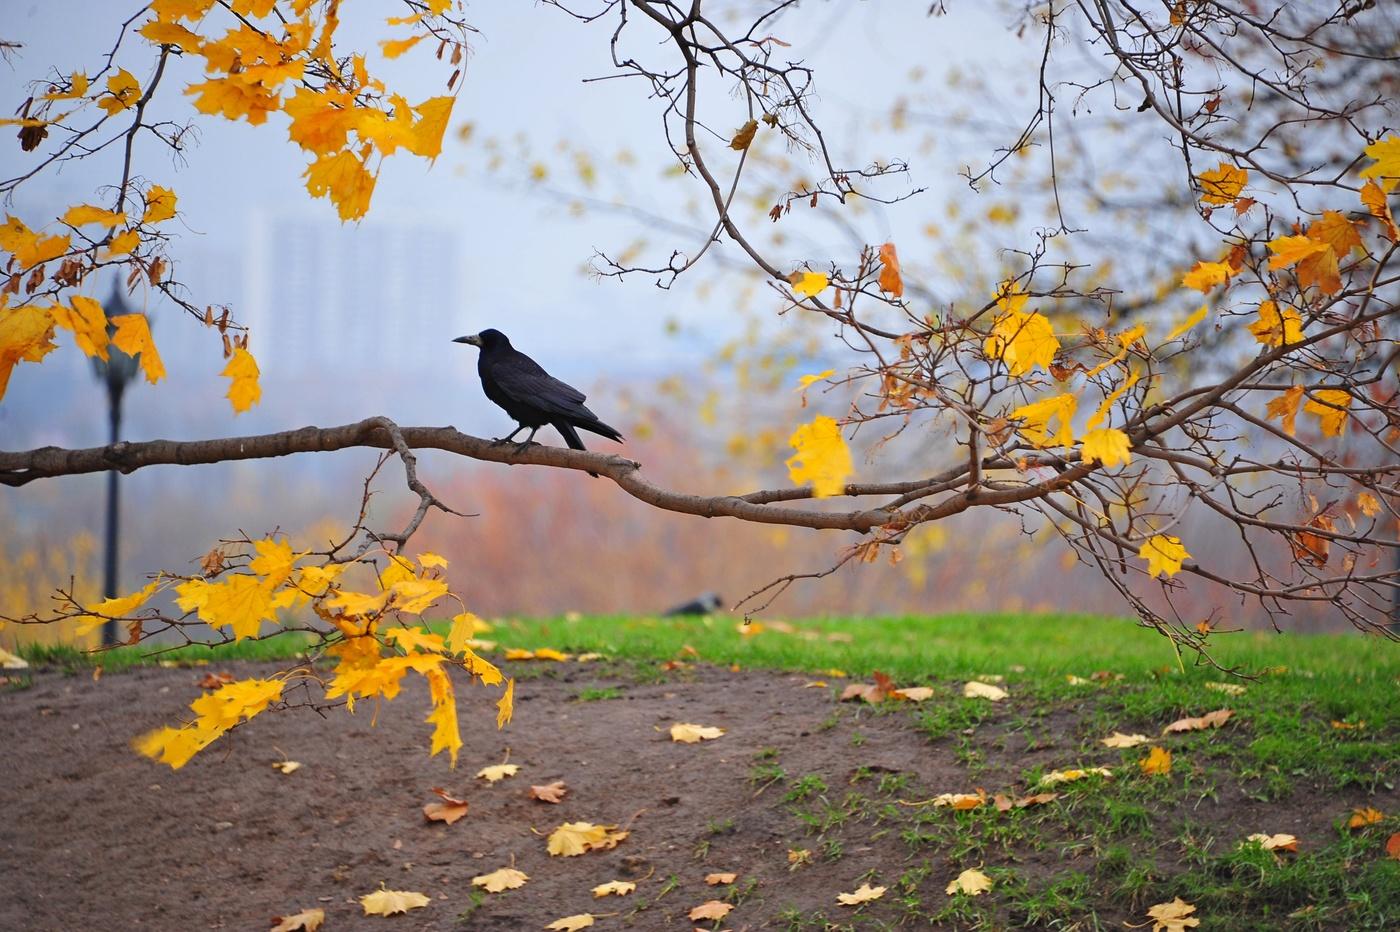 если осень грустная и теплая картинки корпус смог попасть